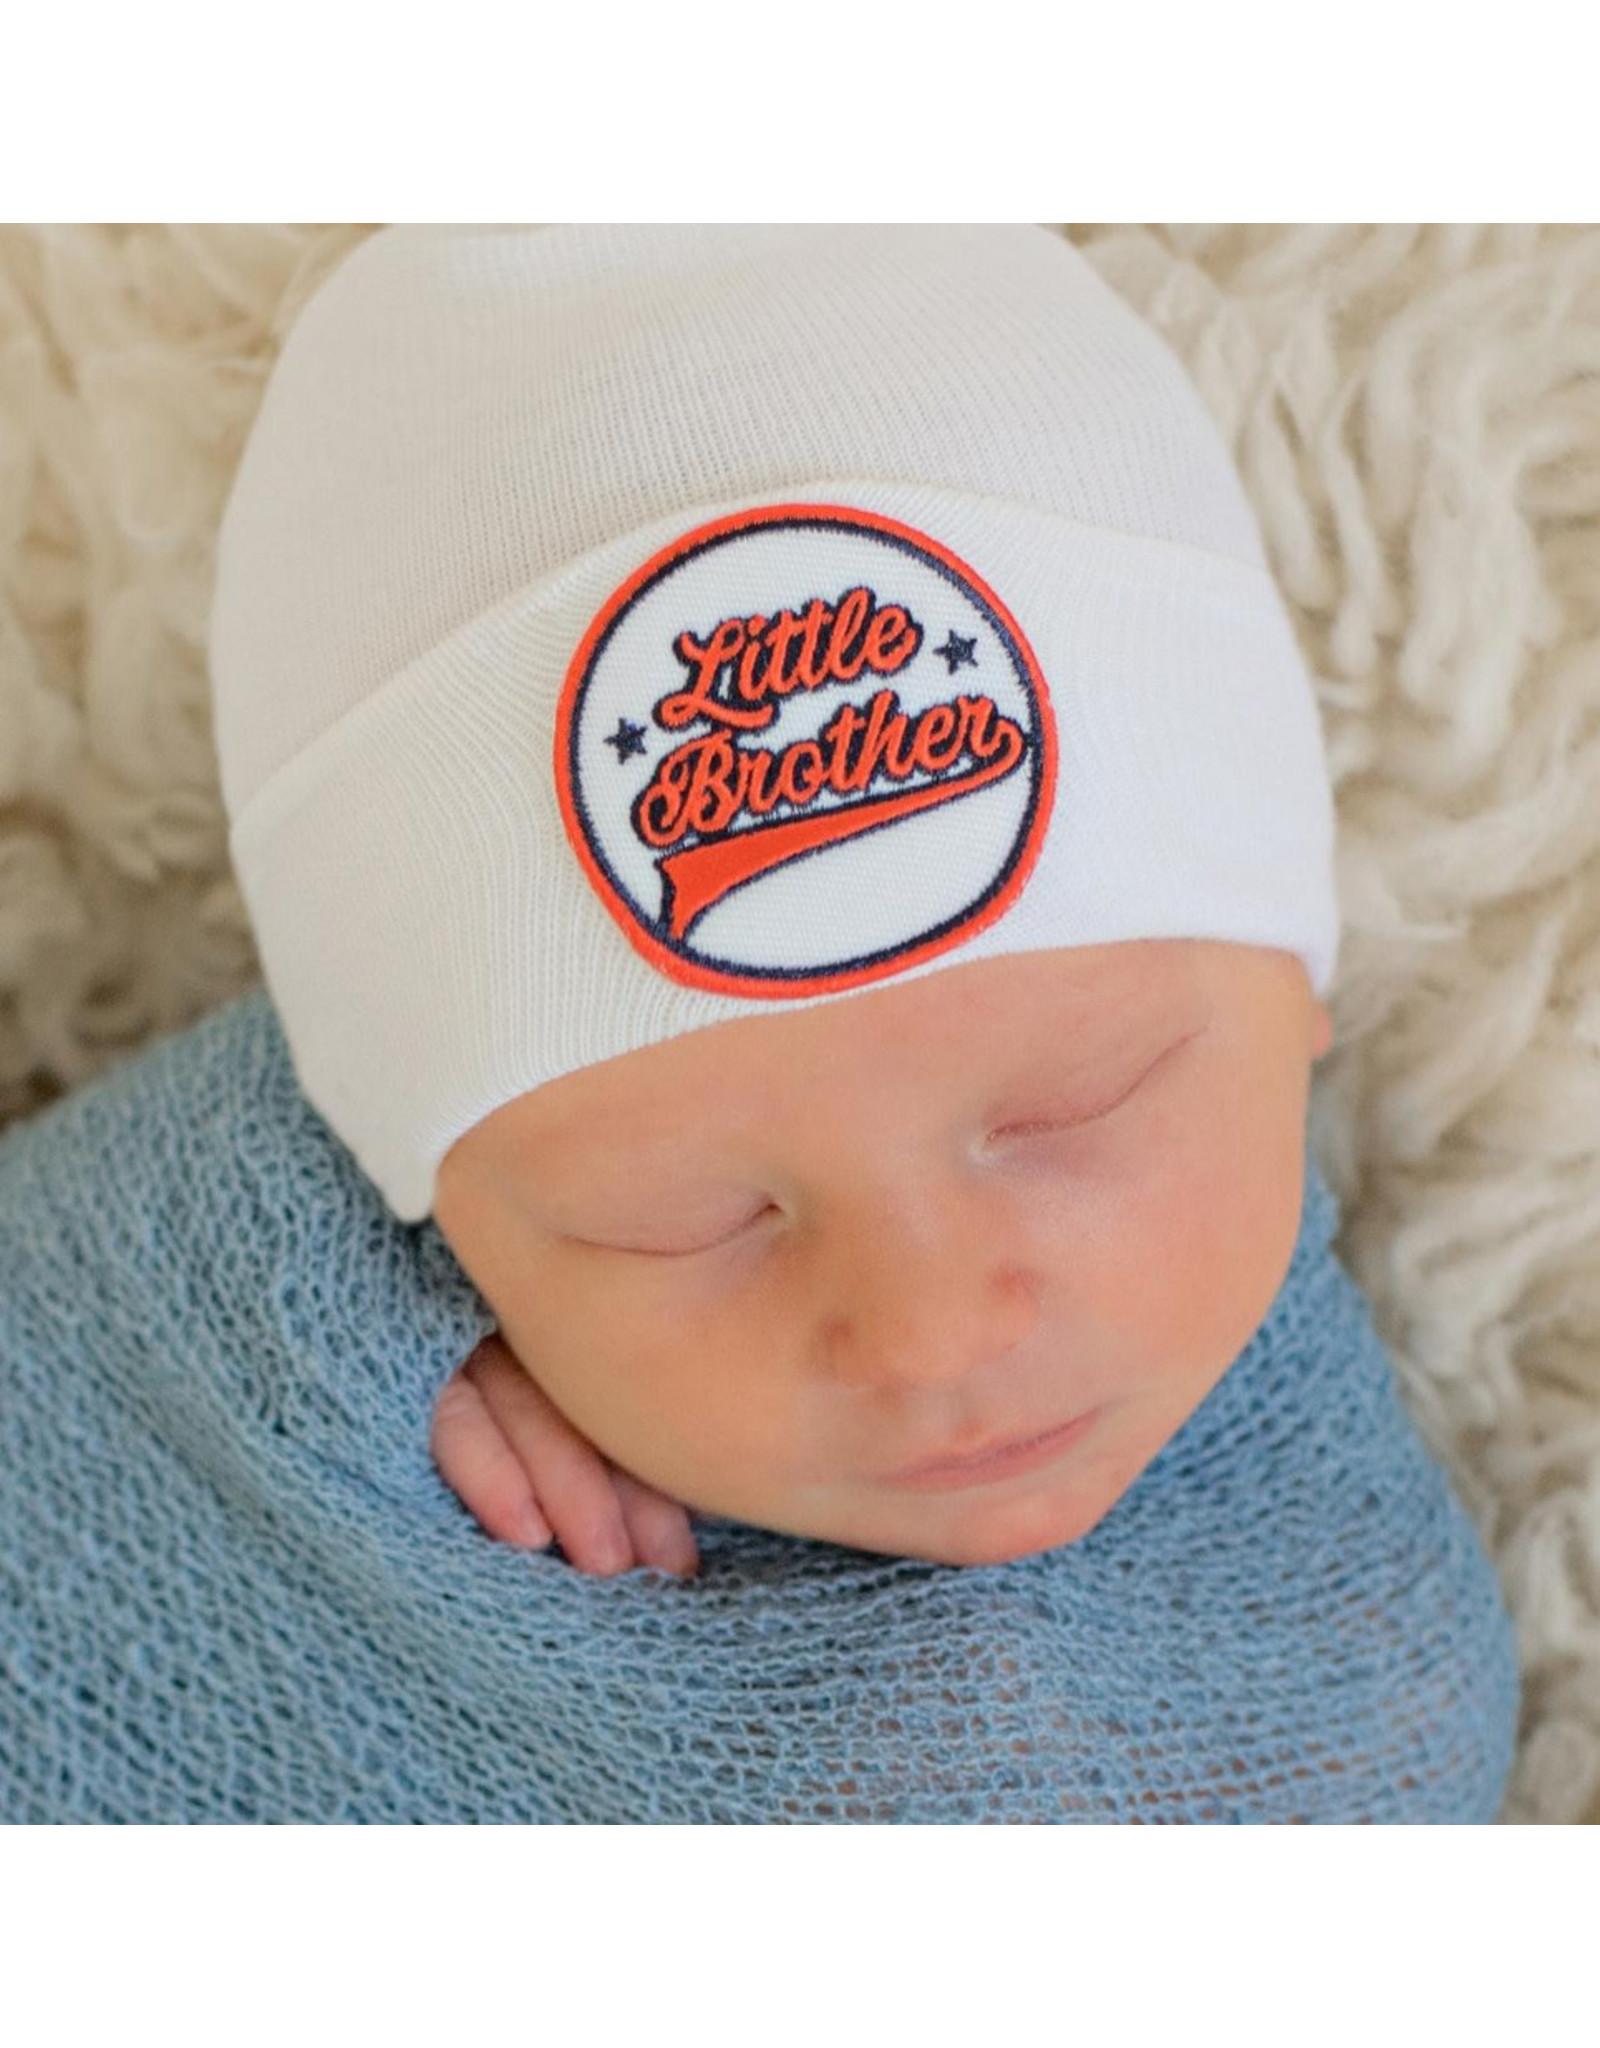 ILYBEAN Ilybean- All Star Little Brother Hat